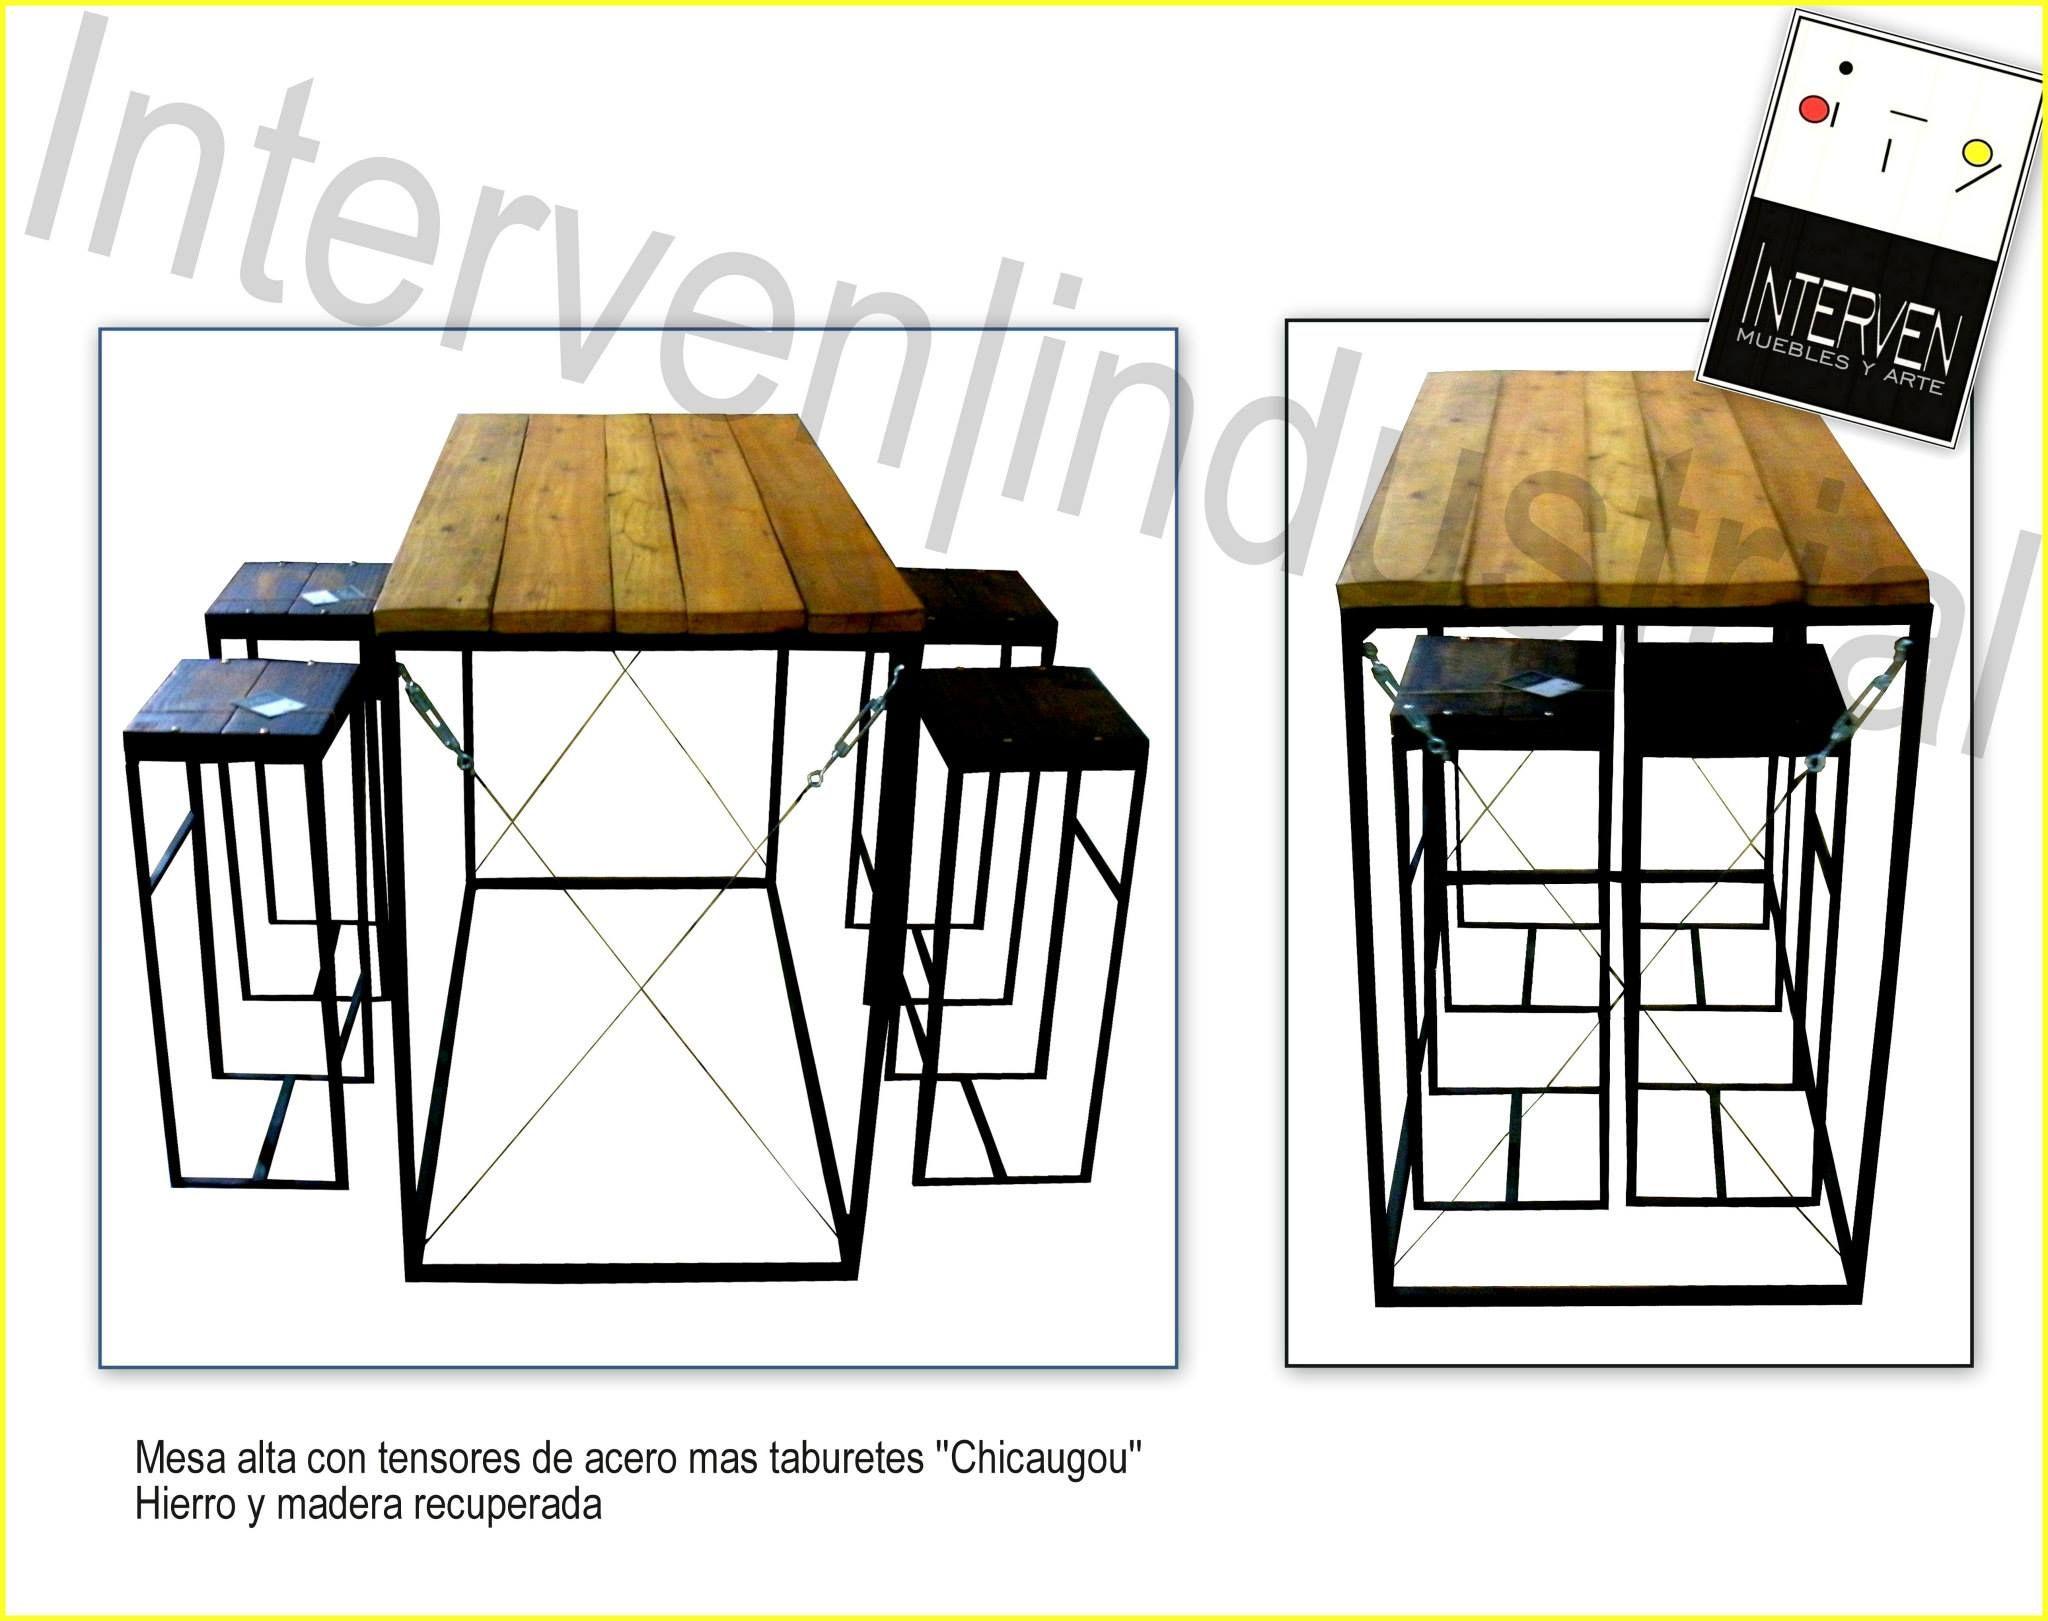 Mesa alta con taburetes muebles interven industrial - Mesa cocina con taburetes ...